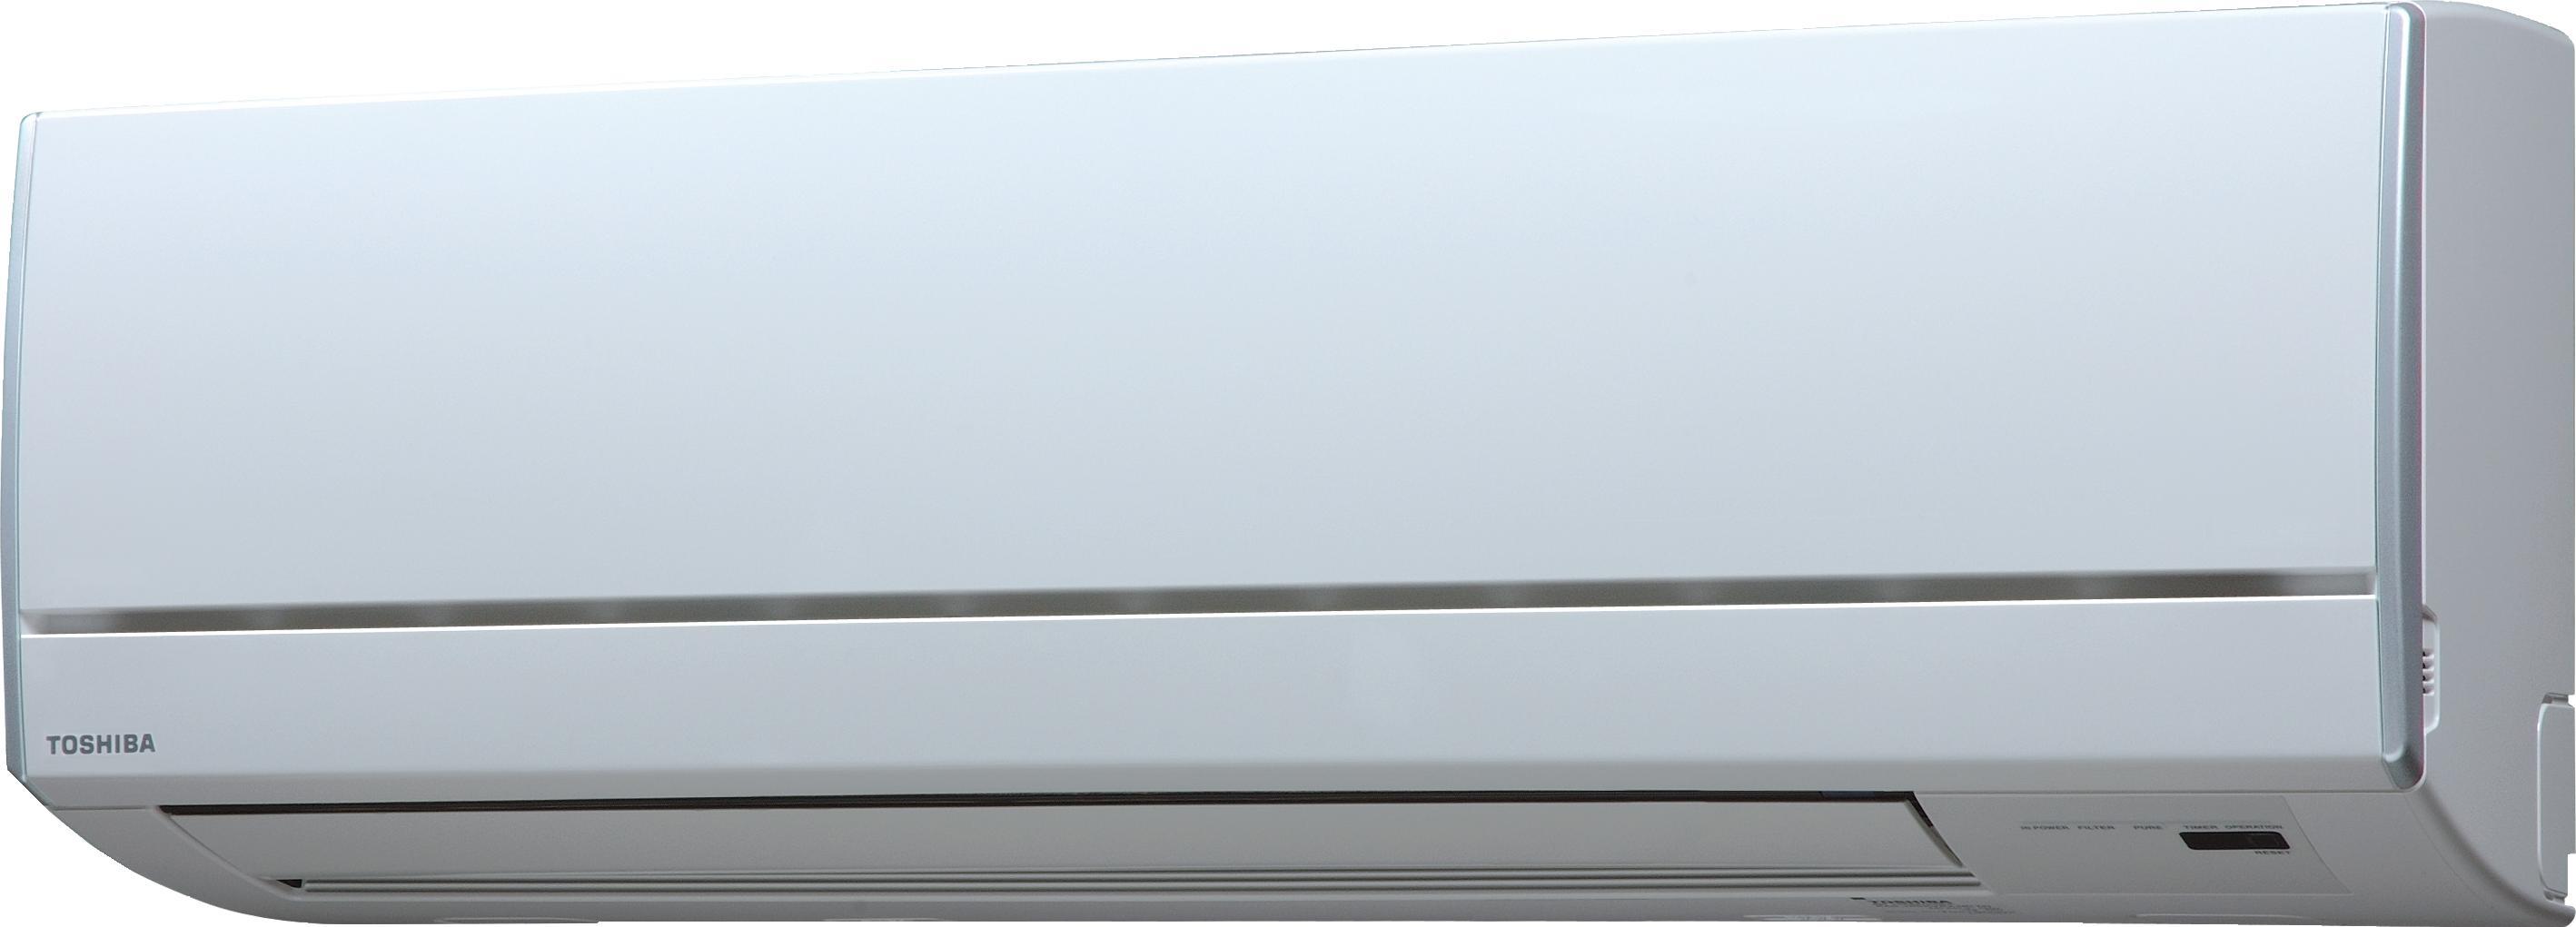 Toshiba RAS-07SKSX-1